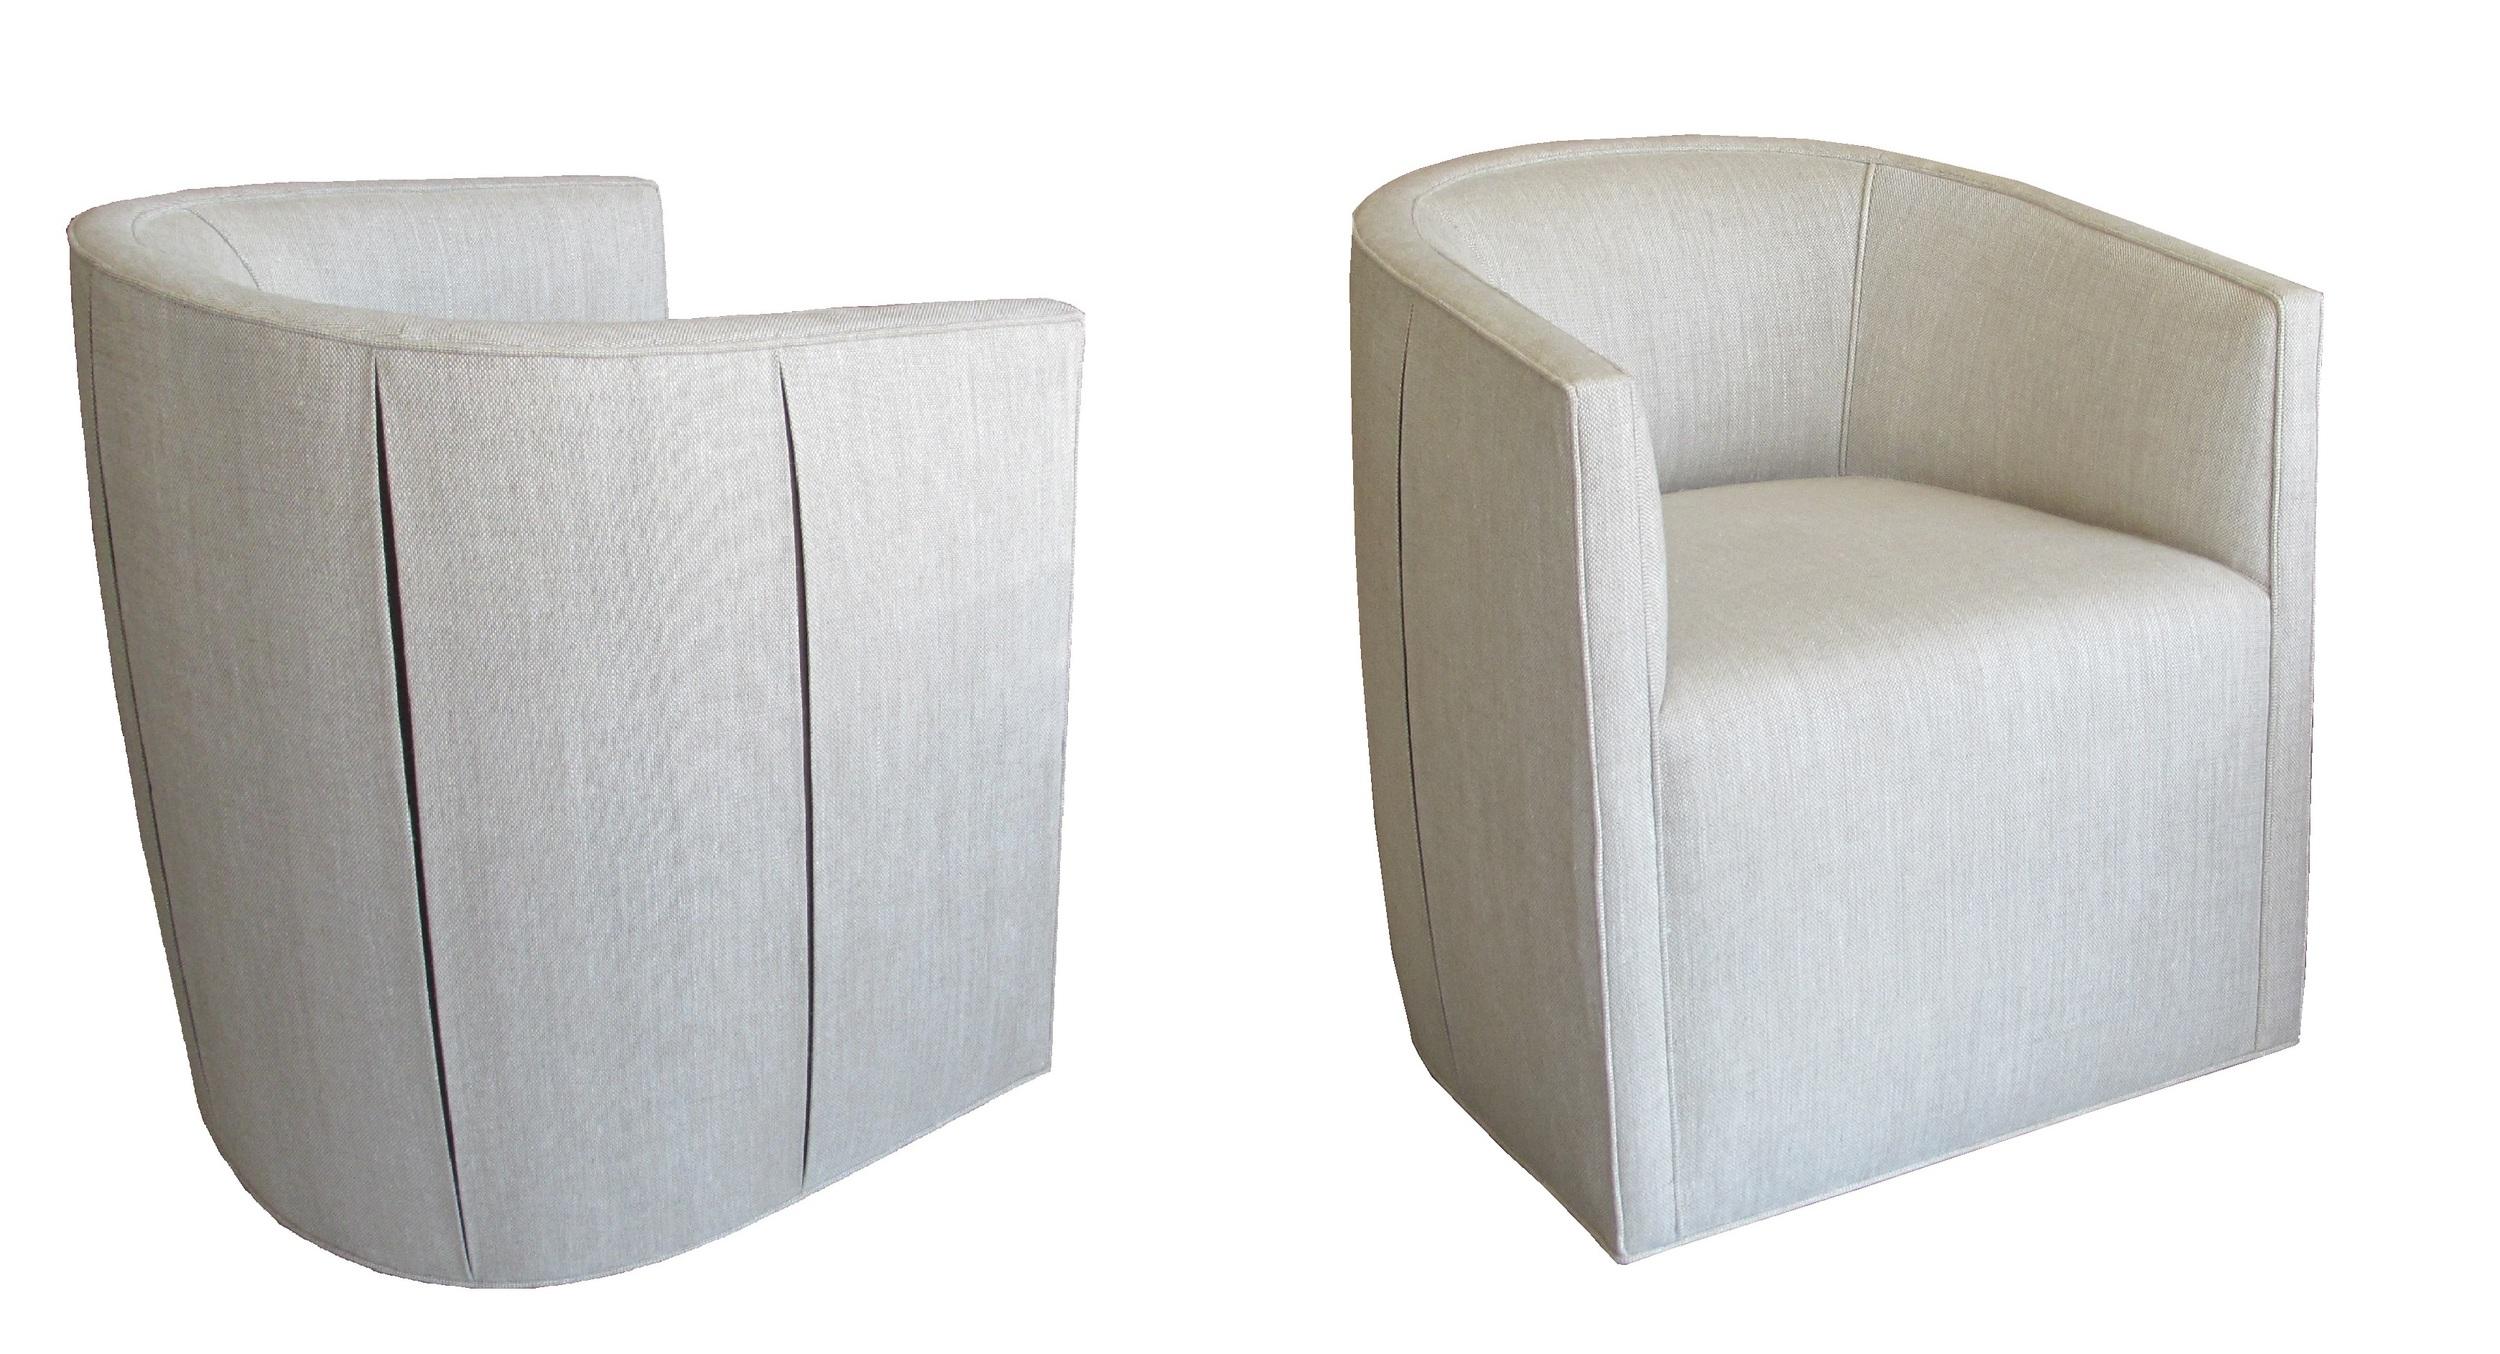 603 chair